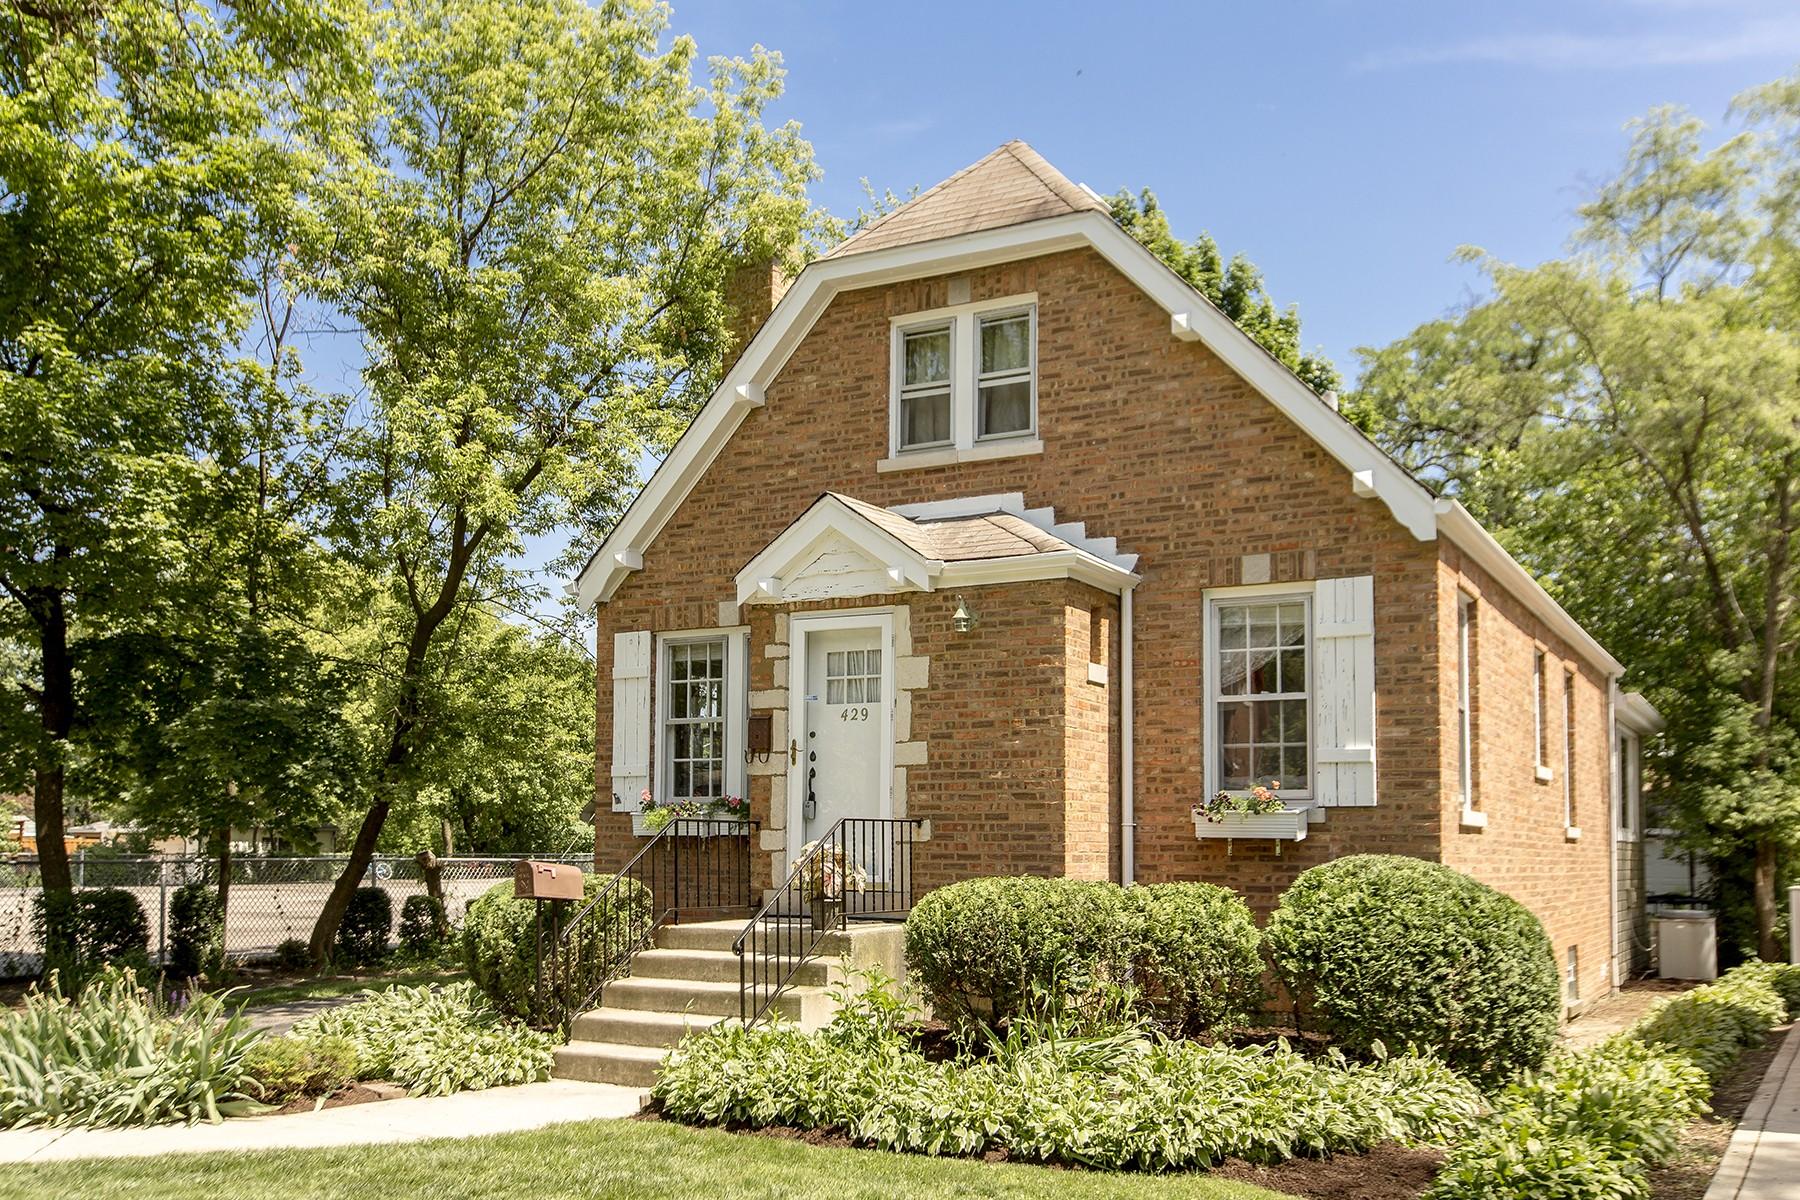 Tek Ailelik Ev için Satış at Charming Home In The Historic Town Of Riverside 429 Loudon Road Riverside, Illinois, 60546 Amerika Birleşik Devletleri